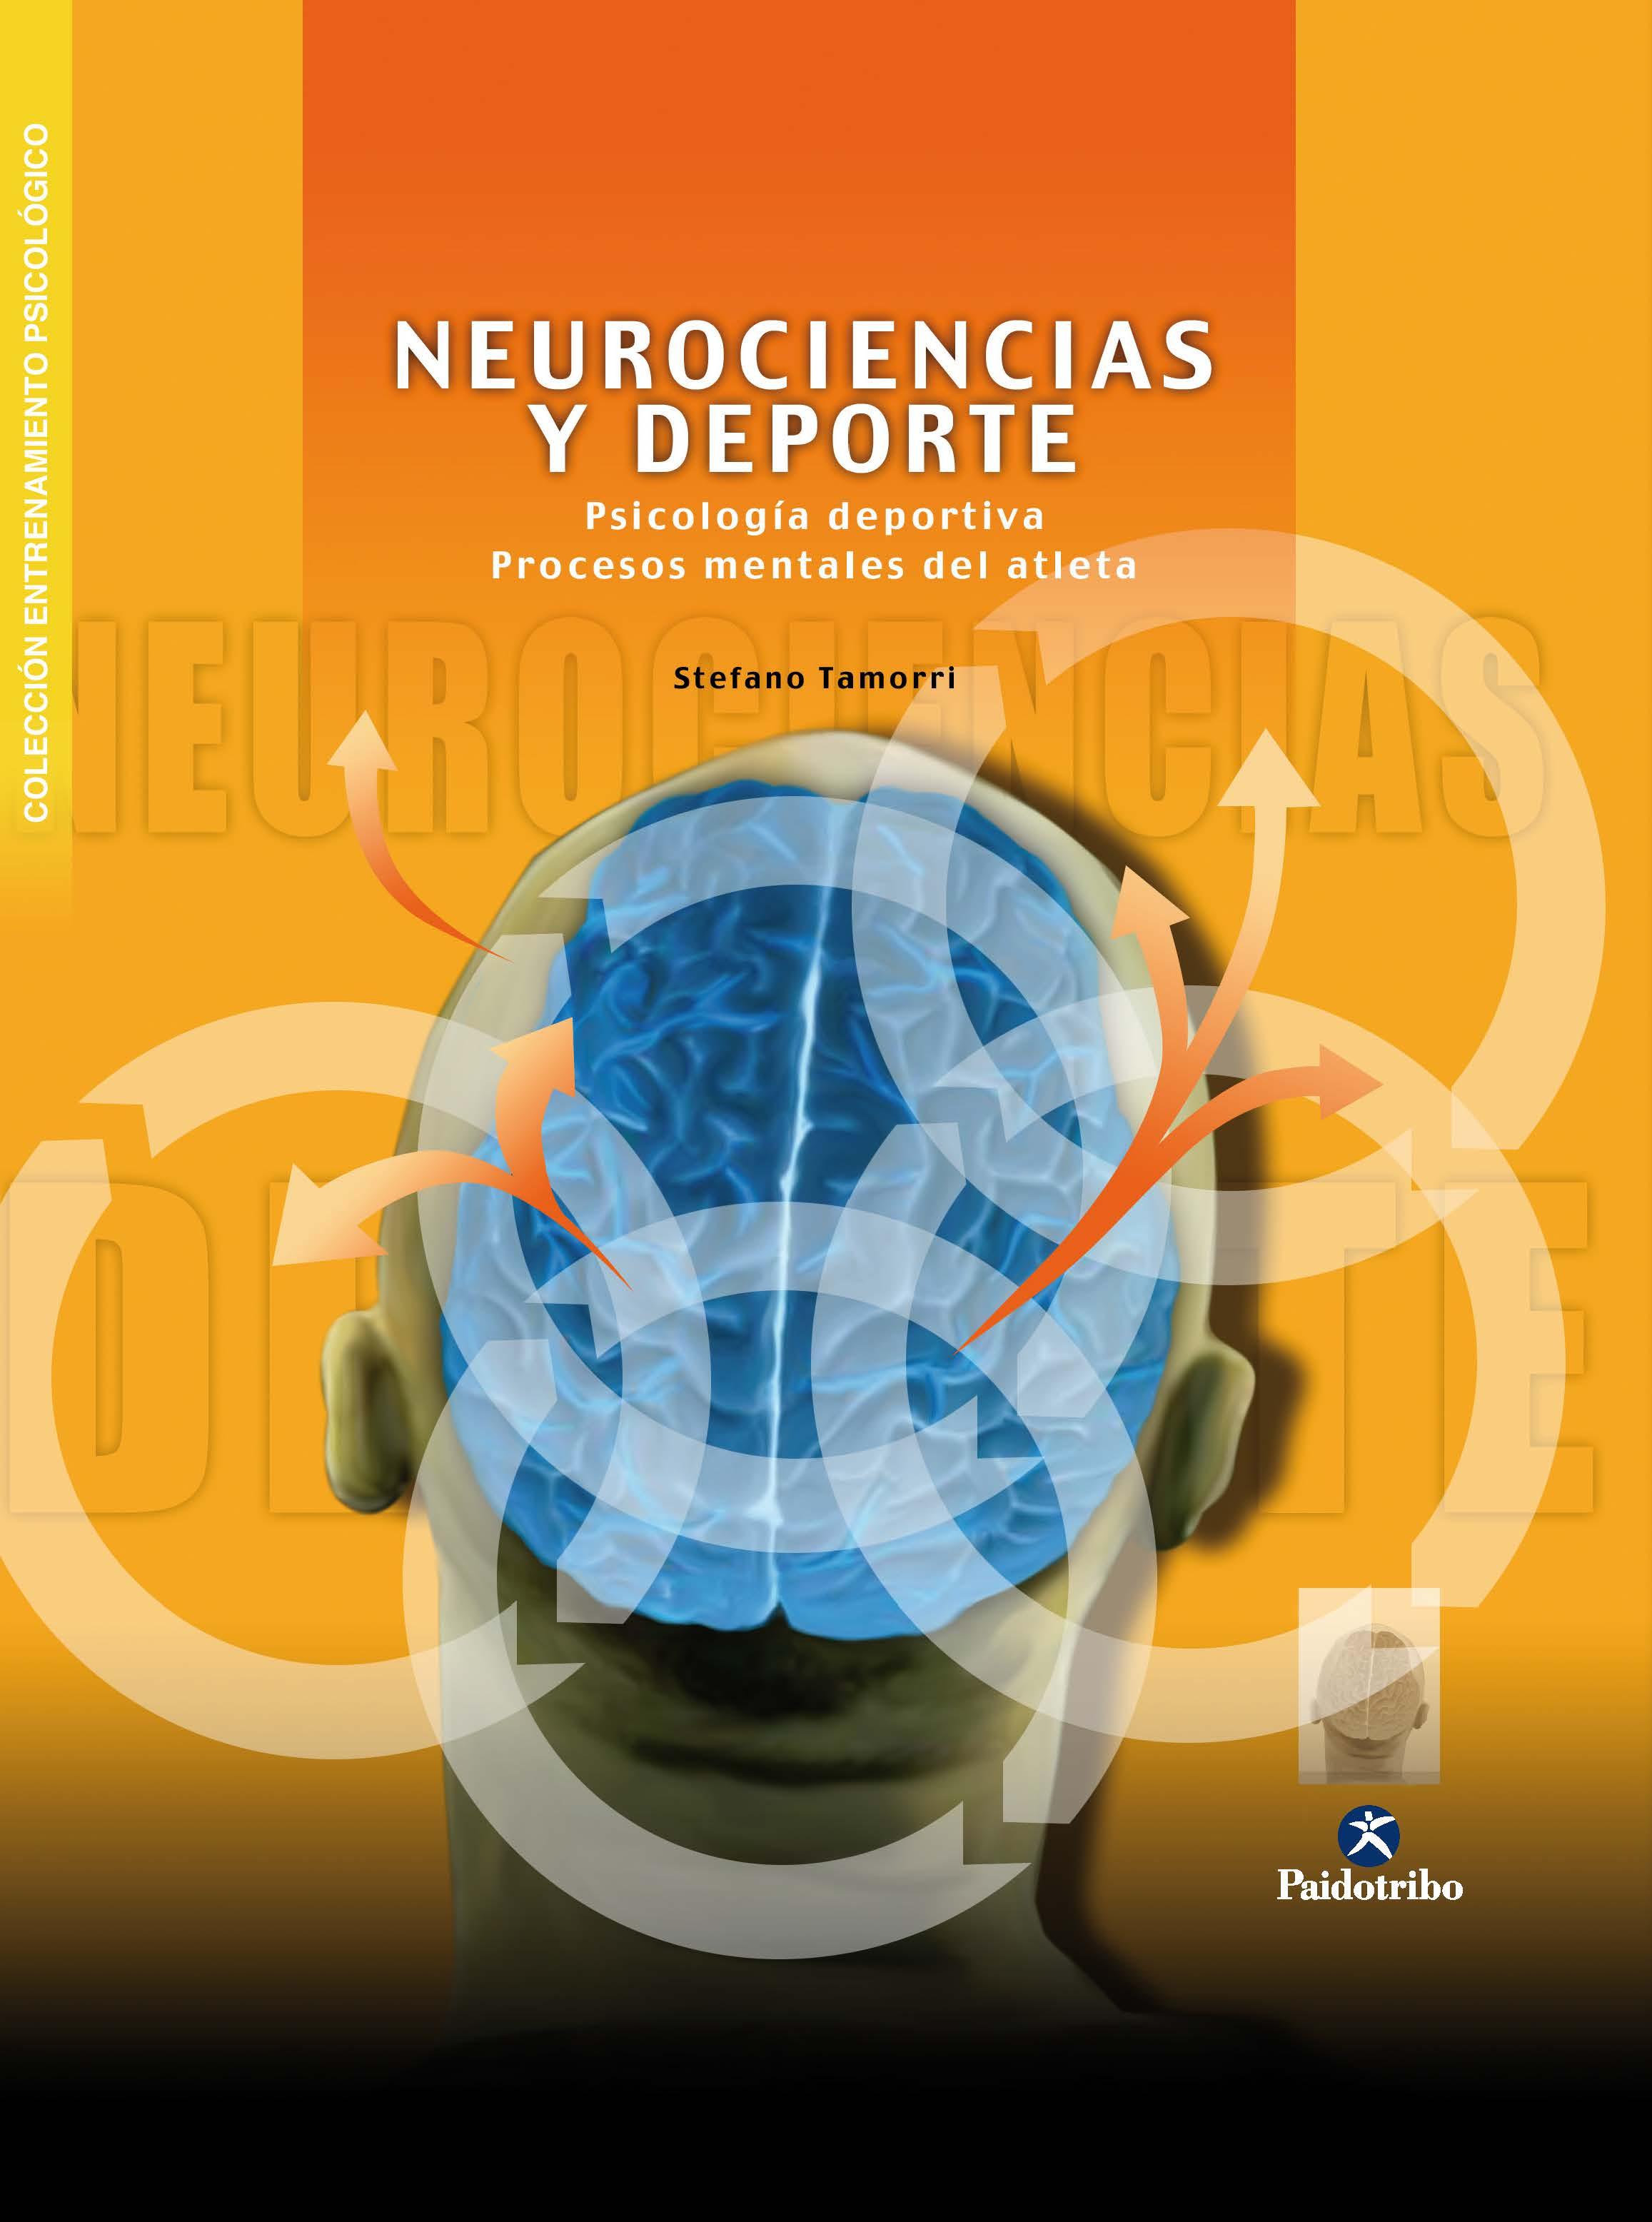 NEUROCIENCIAS Y DEPORTE. PSICOLOGIA DEPORTIVA. PROCESOS MENTALES DEL ATLETA